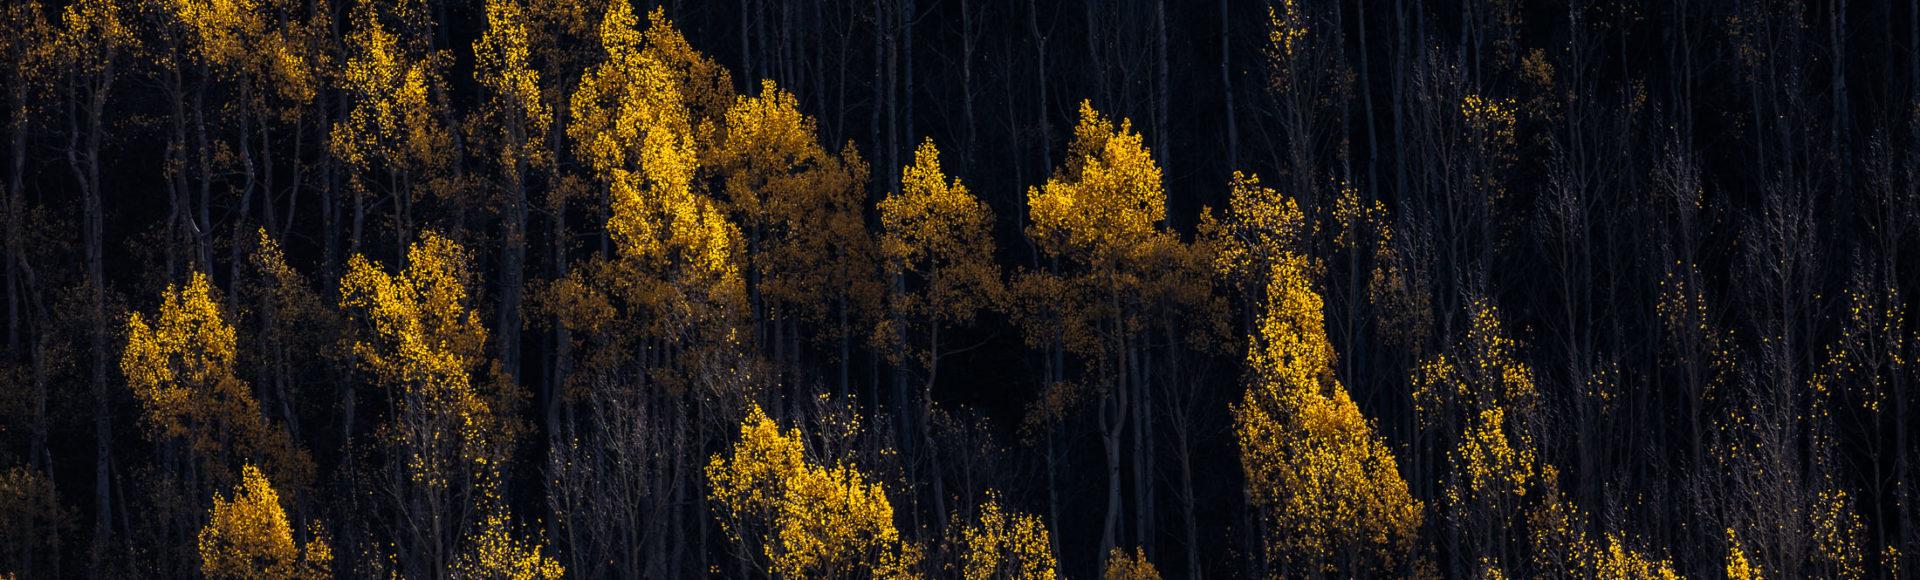 Aspens in fall